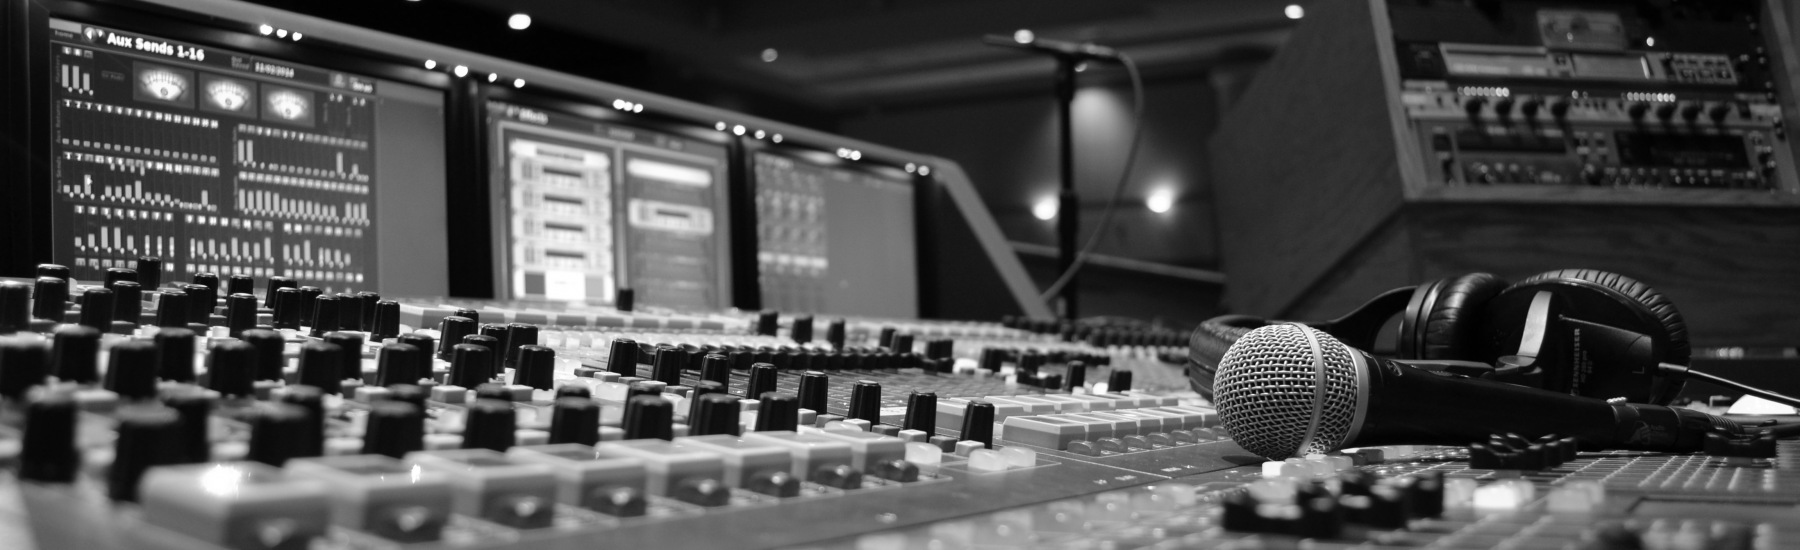 Audio/Visual - WAV